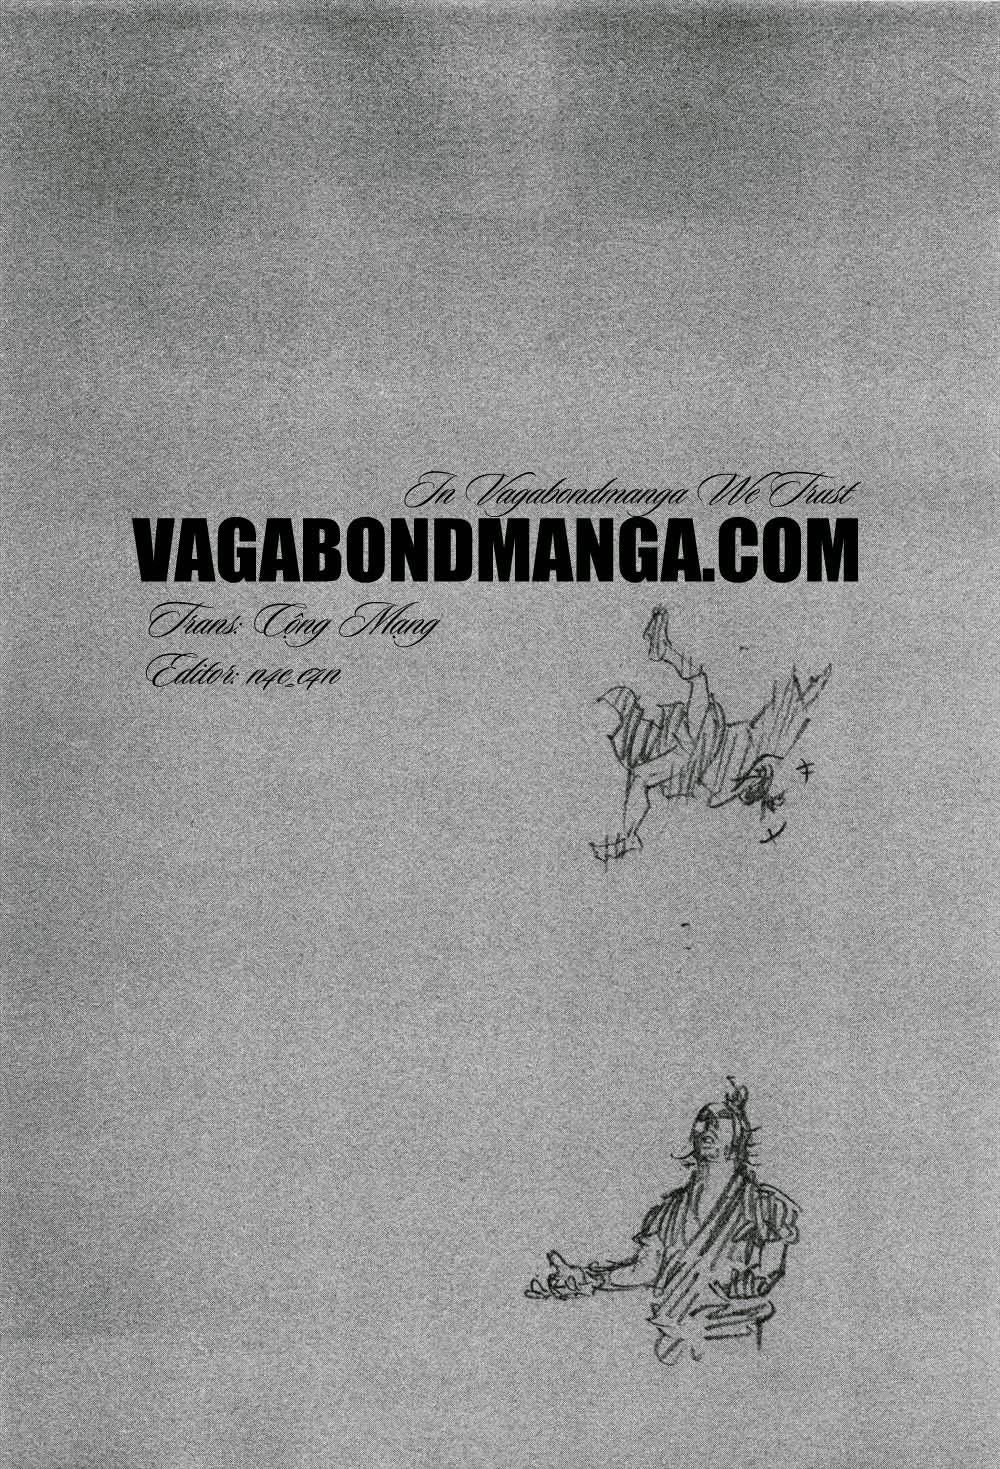 Vagabond - Lãng khách chap 306